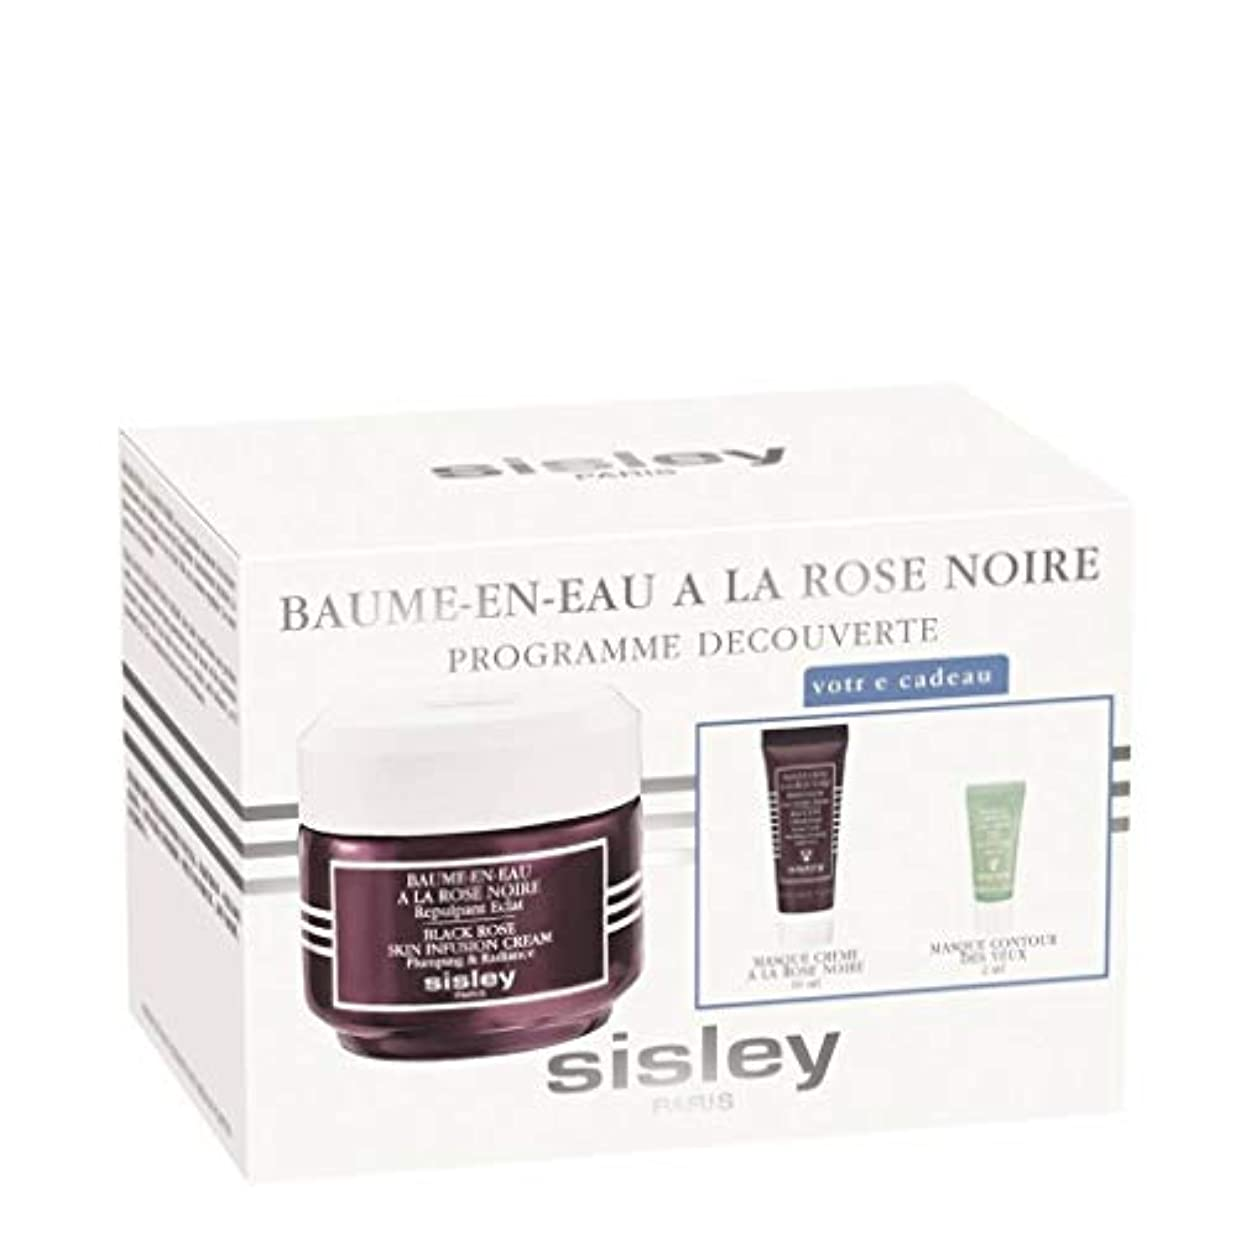 ガジュマル賠償ペアシスレー Black Rose Skin Infusion Cream Discovery Program: Black Rose Skin Infusion Cream 50ml+Black Rose Cream Mask...